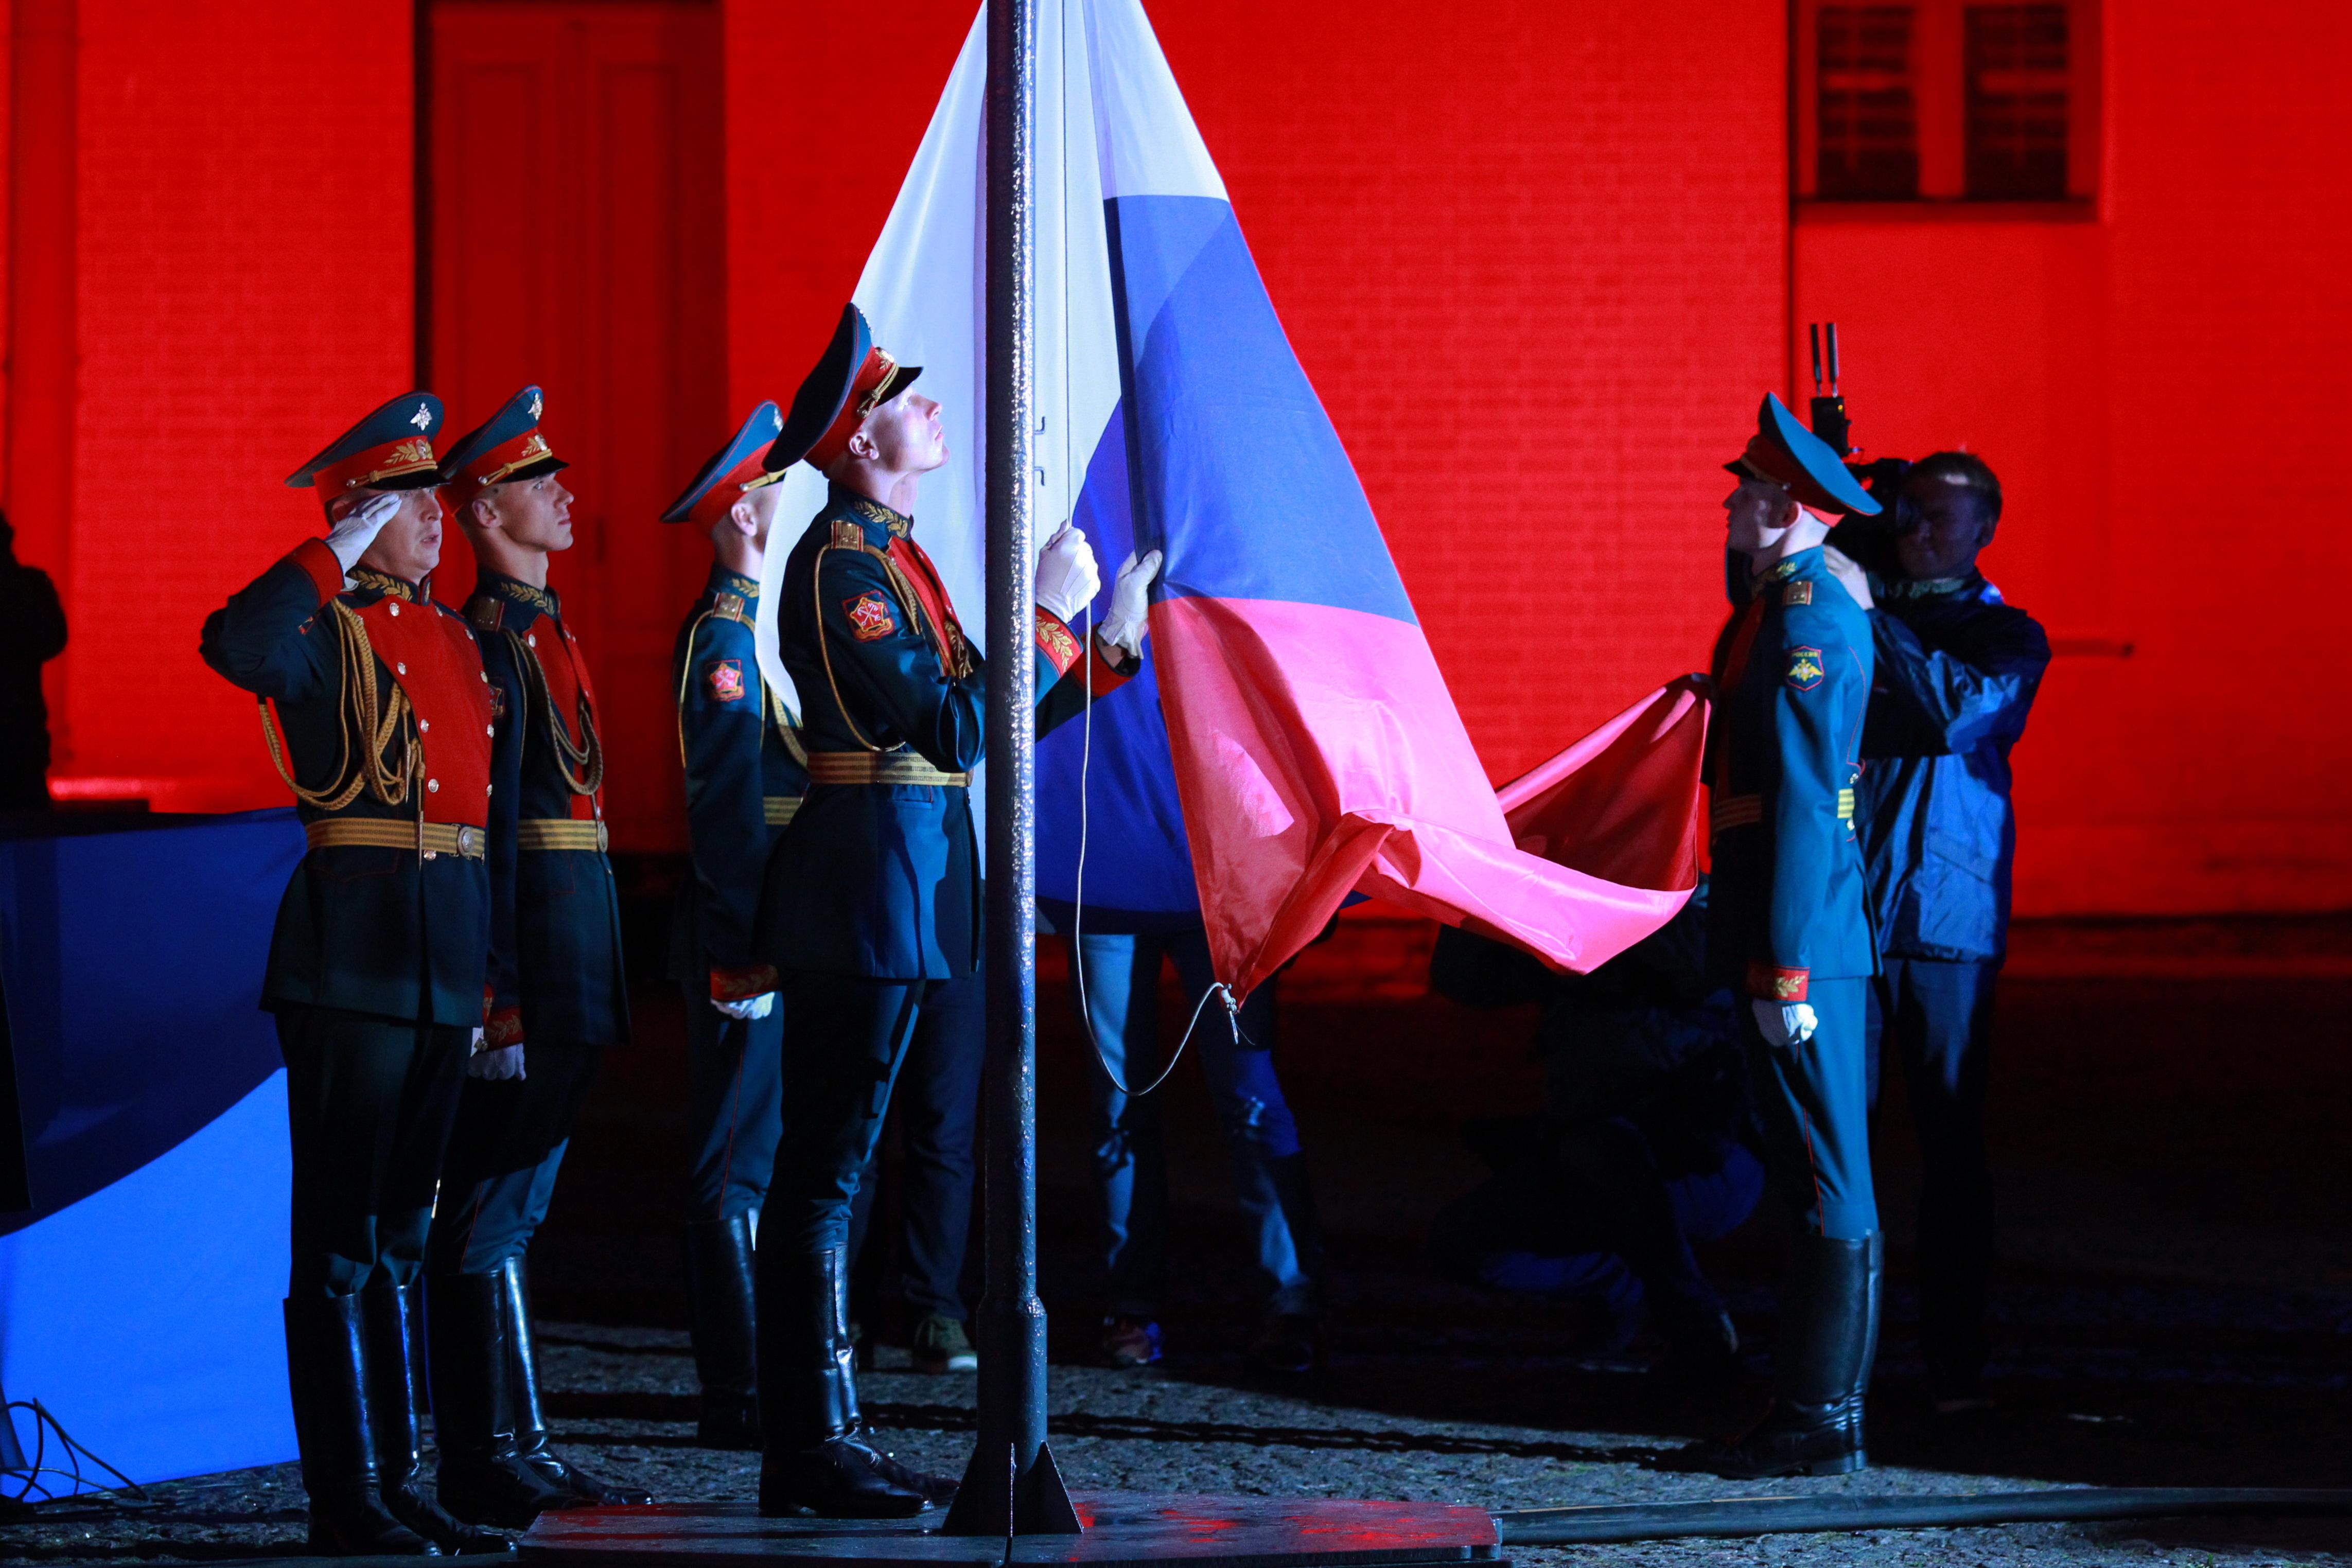 производитель, кейзер флаг россии фото сразу готов для